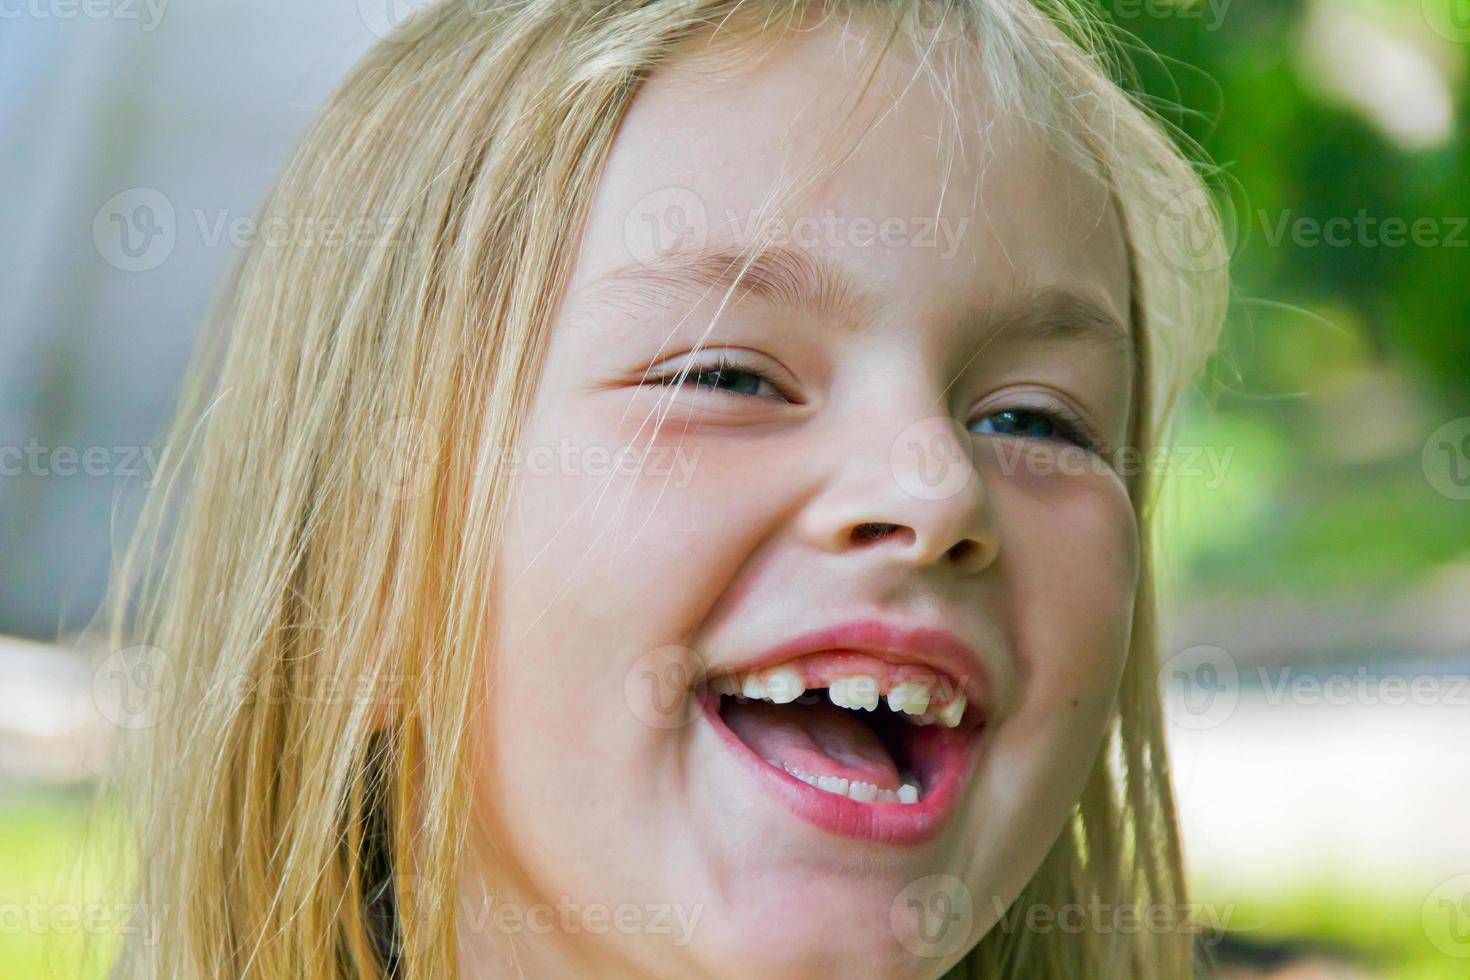 süßes lächelndes Mädchen foto